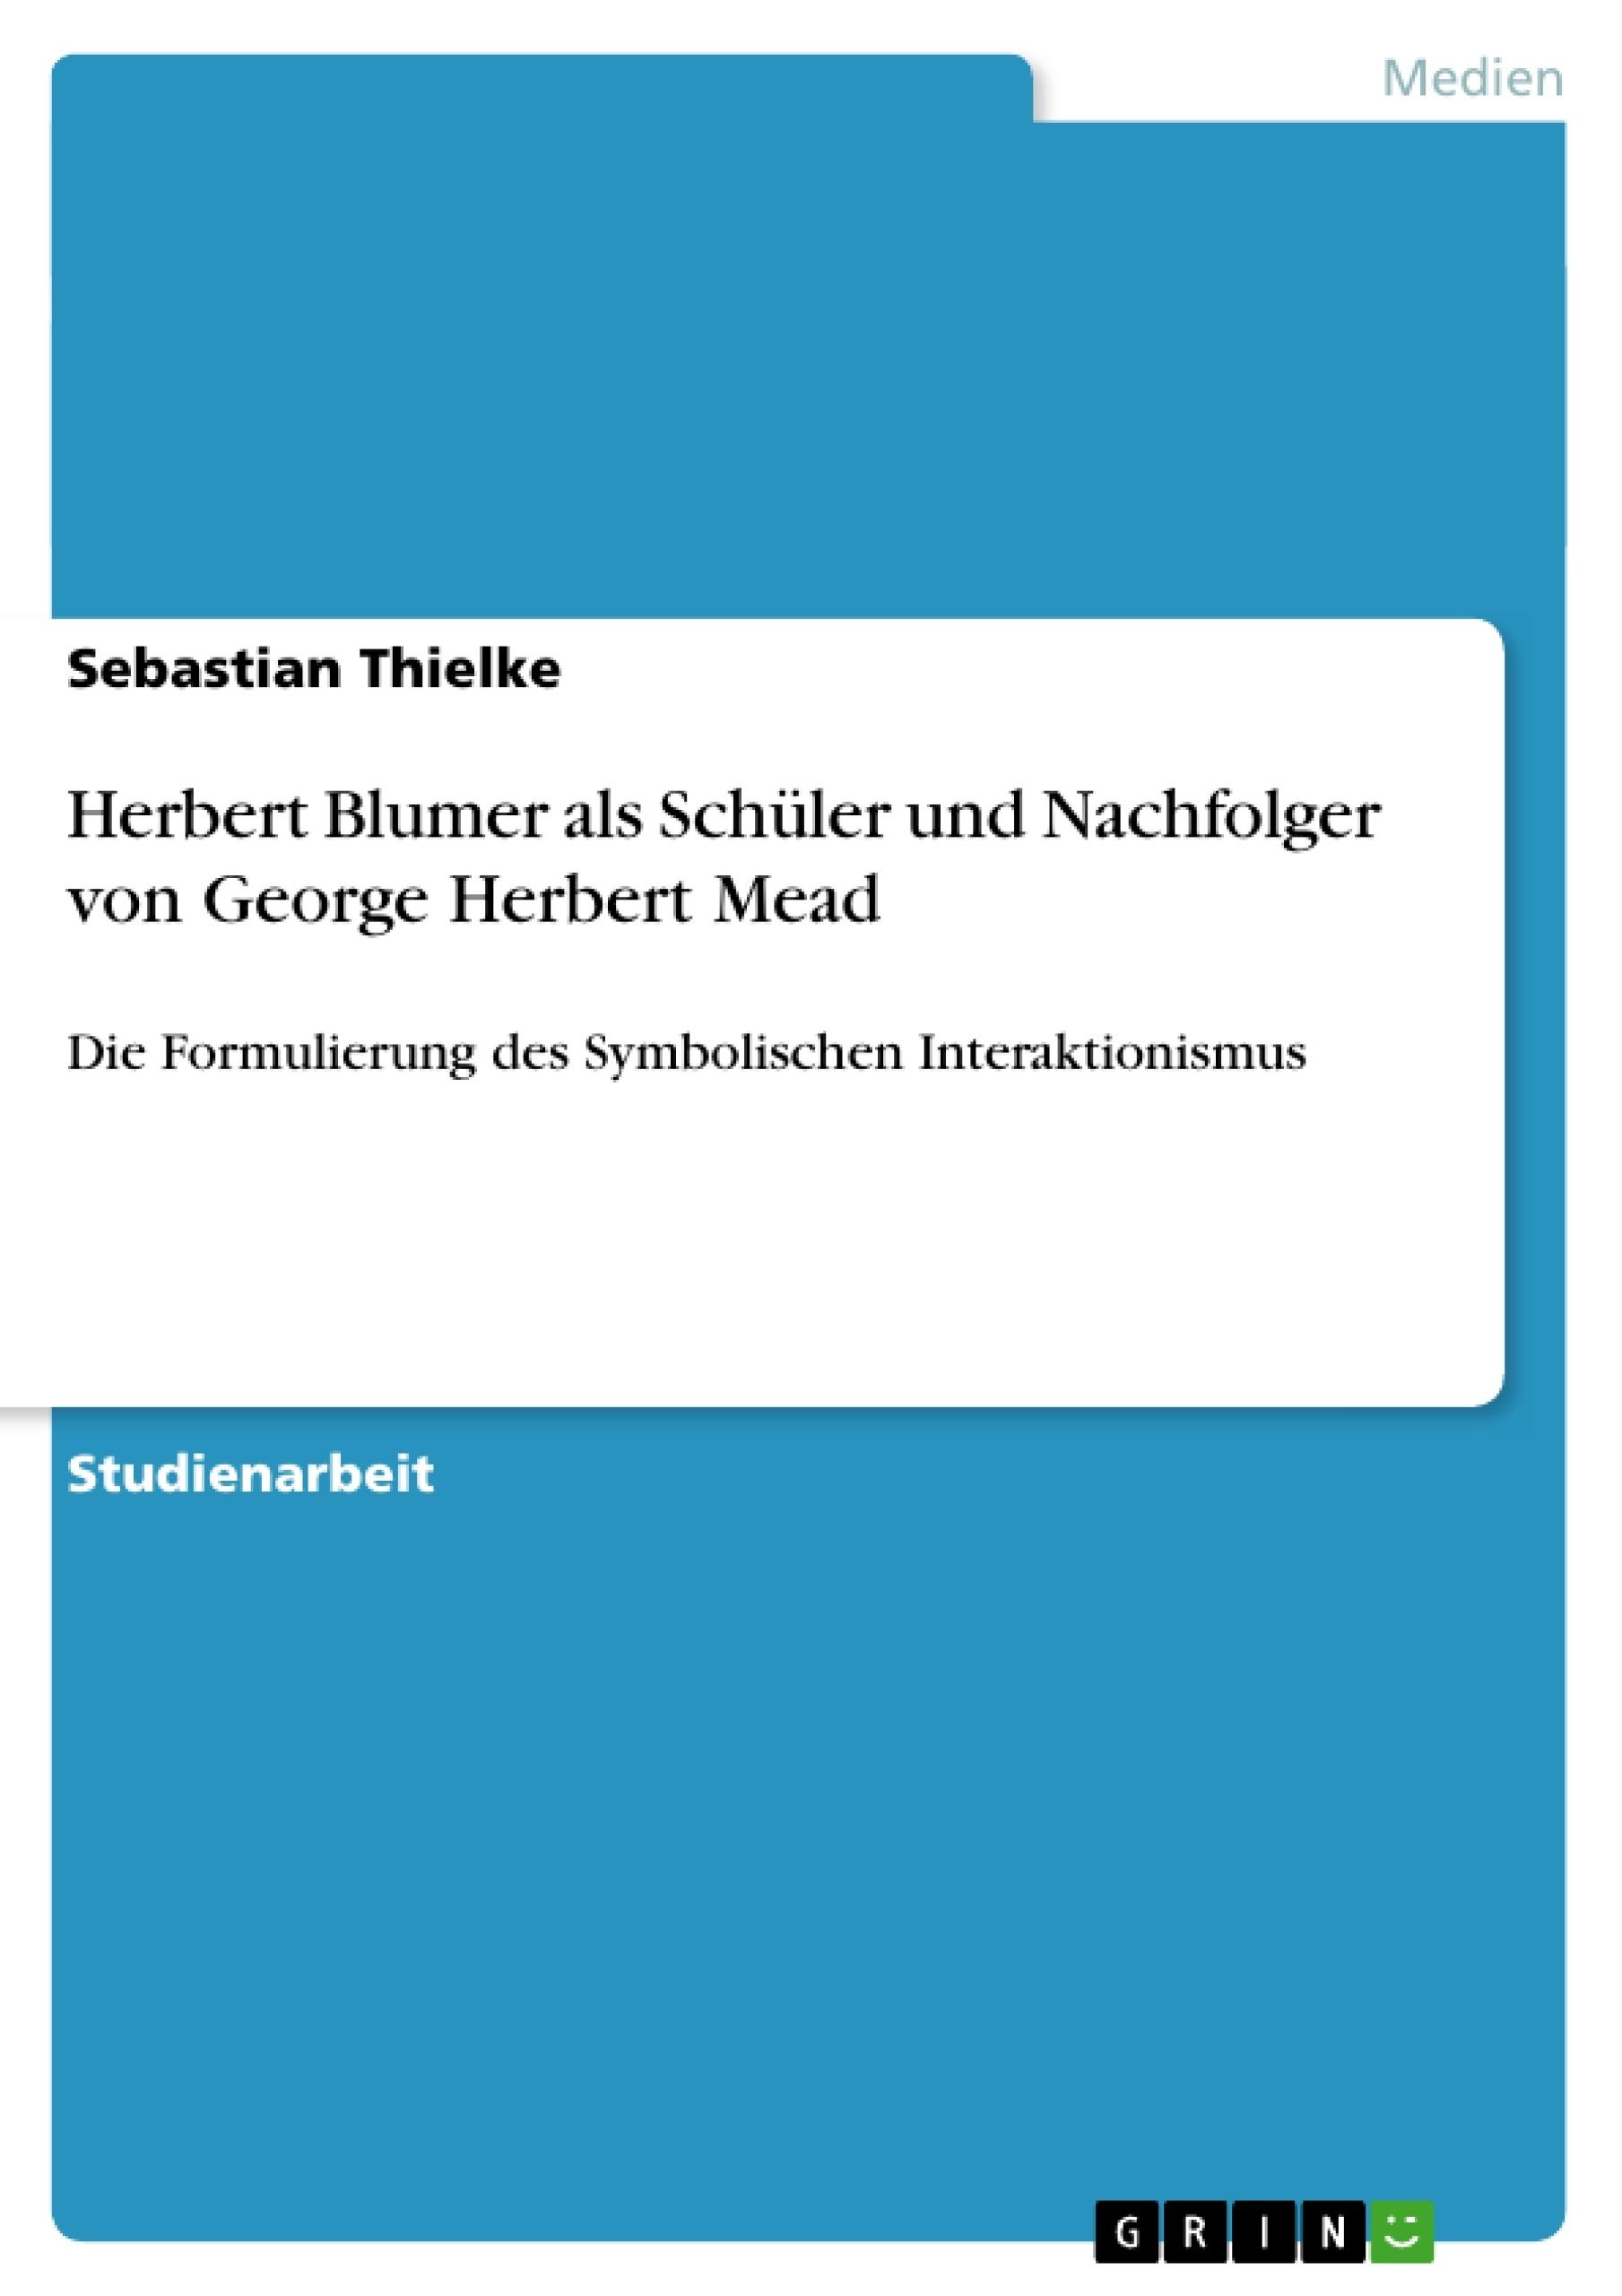 Herbert Blumer Als Schüler Und Nachfolger Von George Herbert Mead